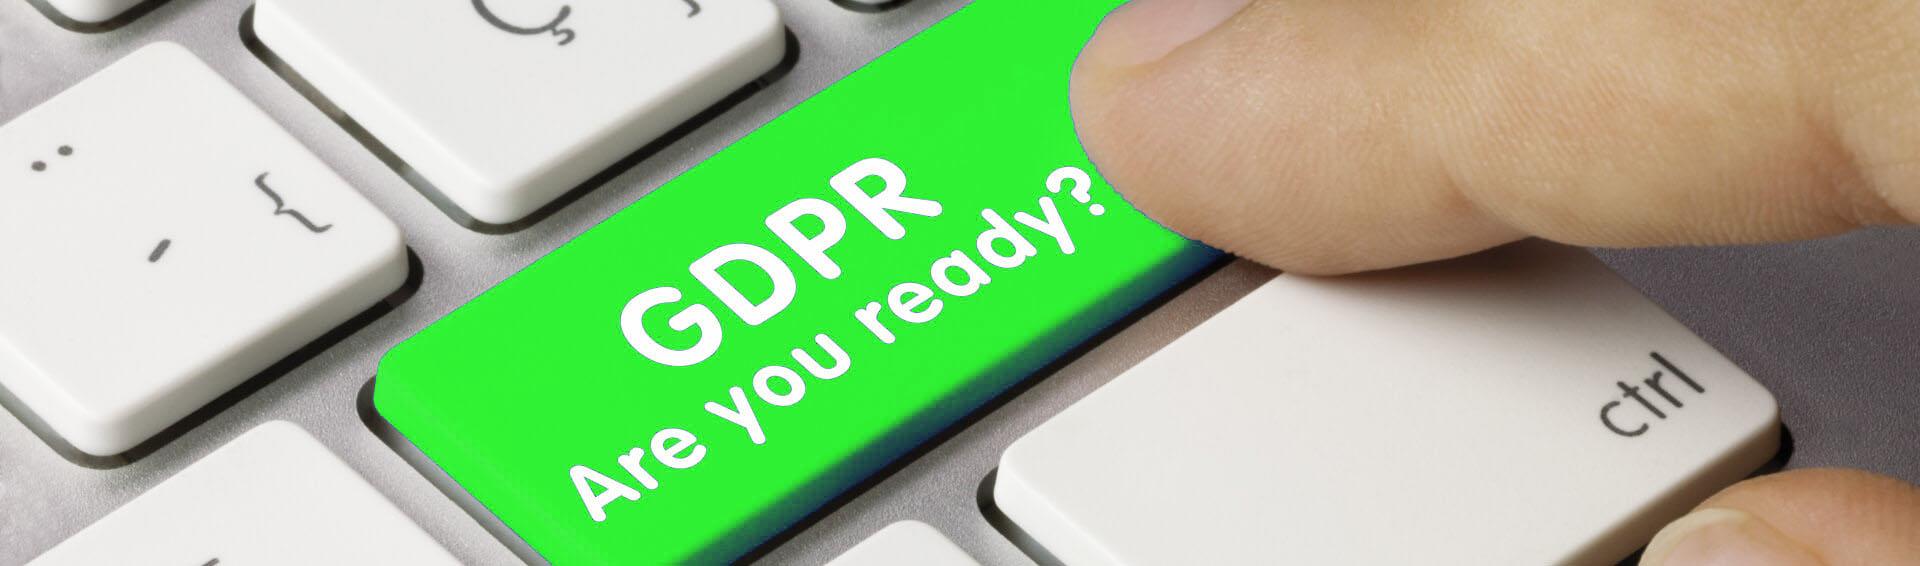 Jste pripraveni na GDPR